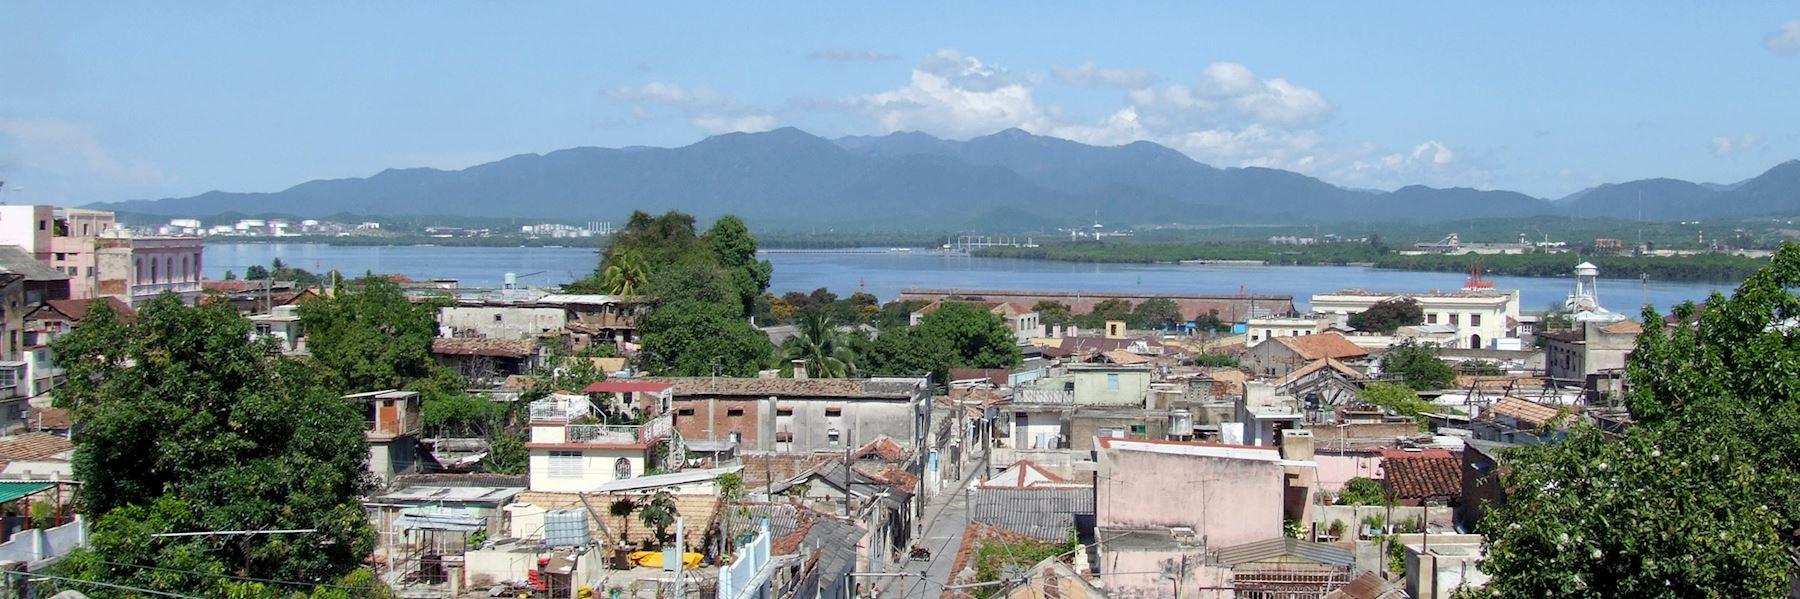 Visit Santiago de Cuba, Cuba